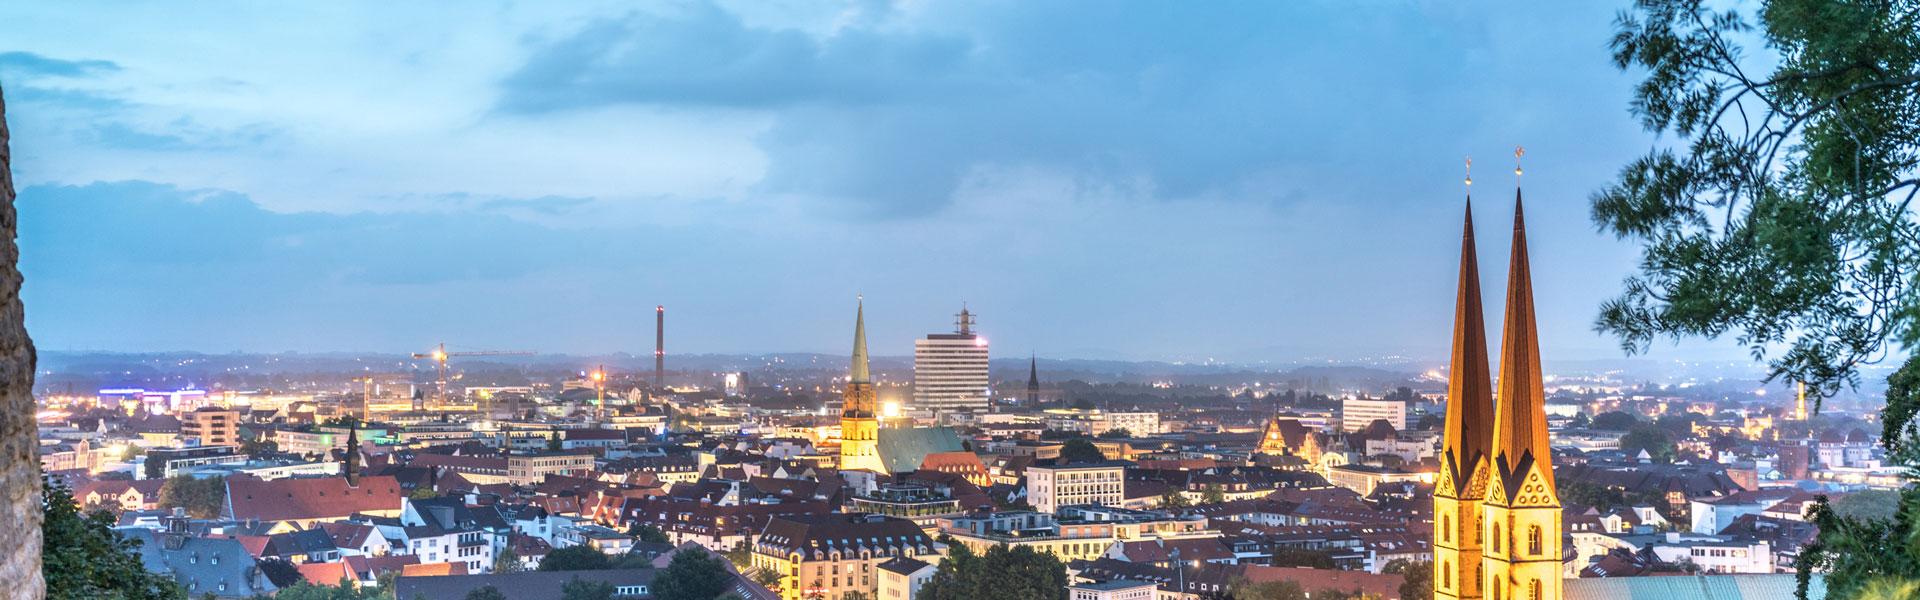 Überblick Bielefeld